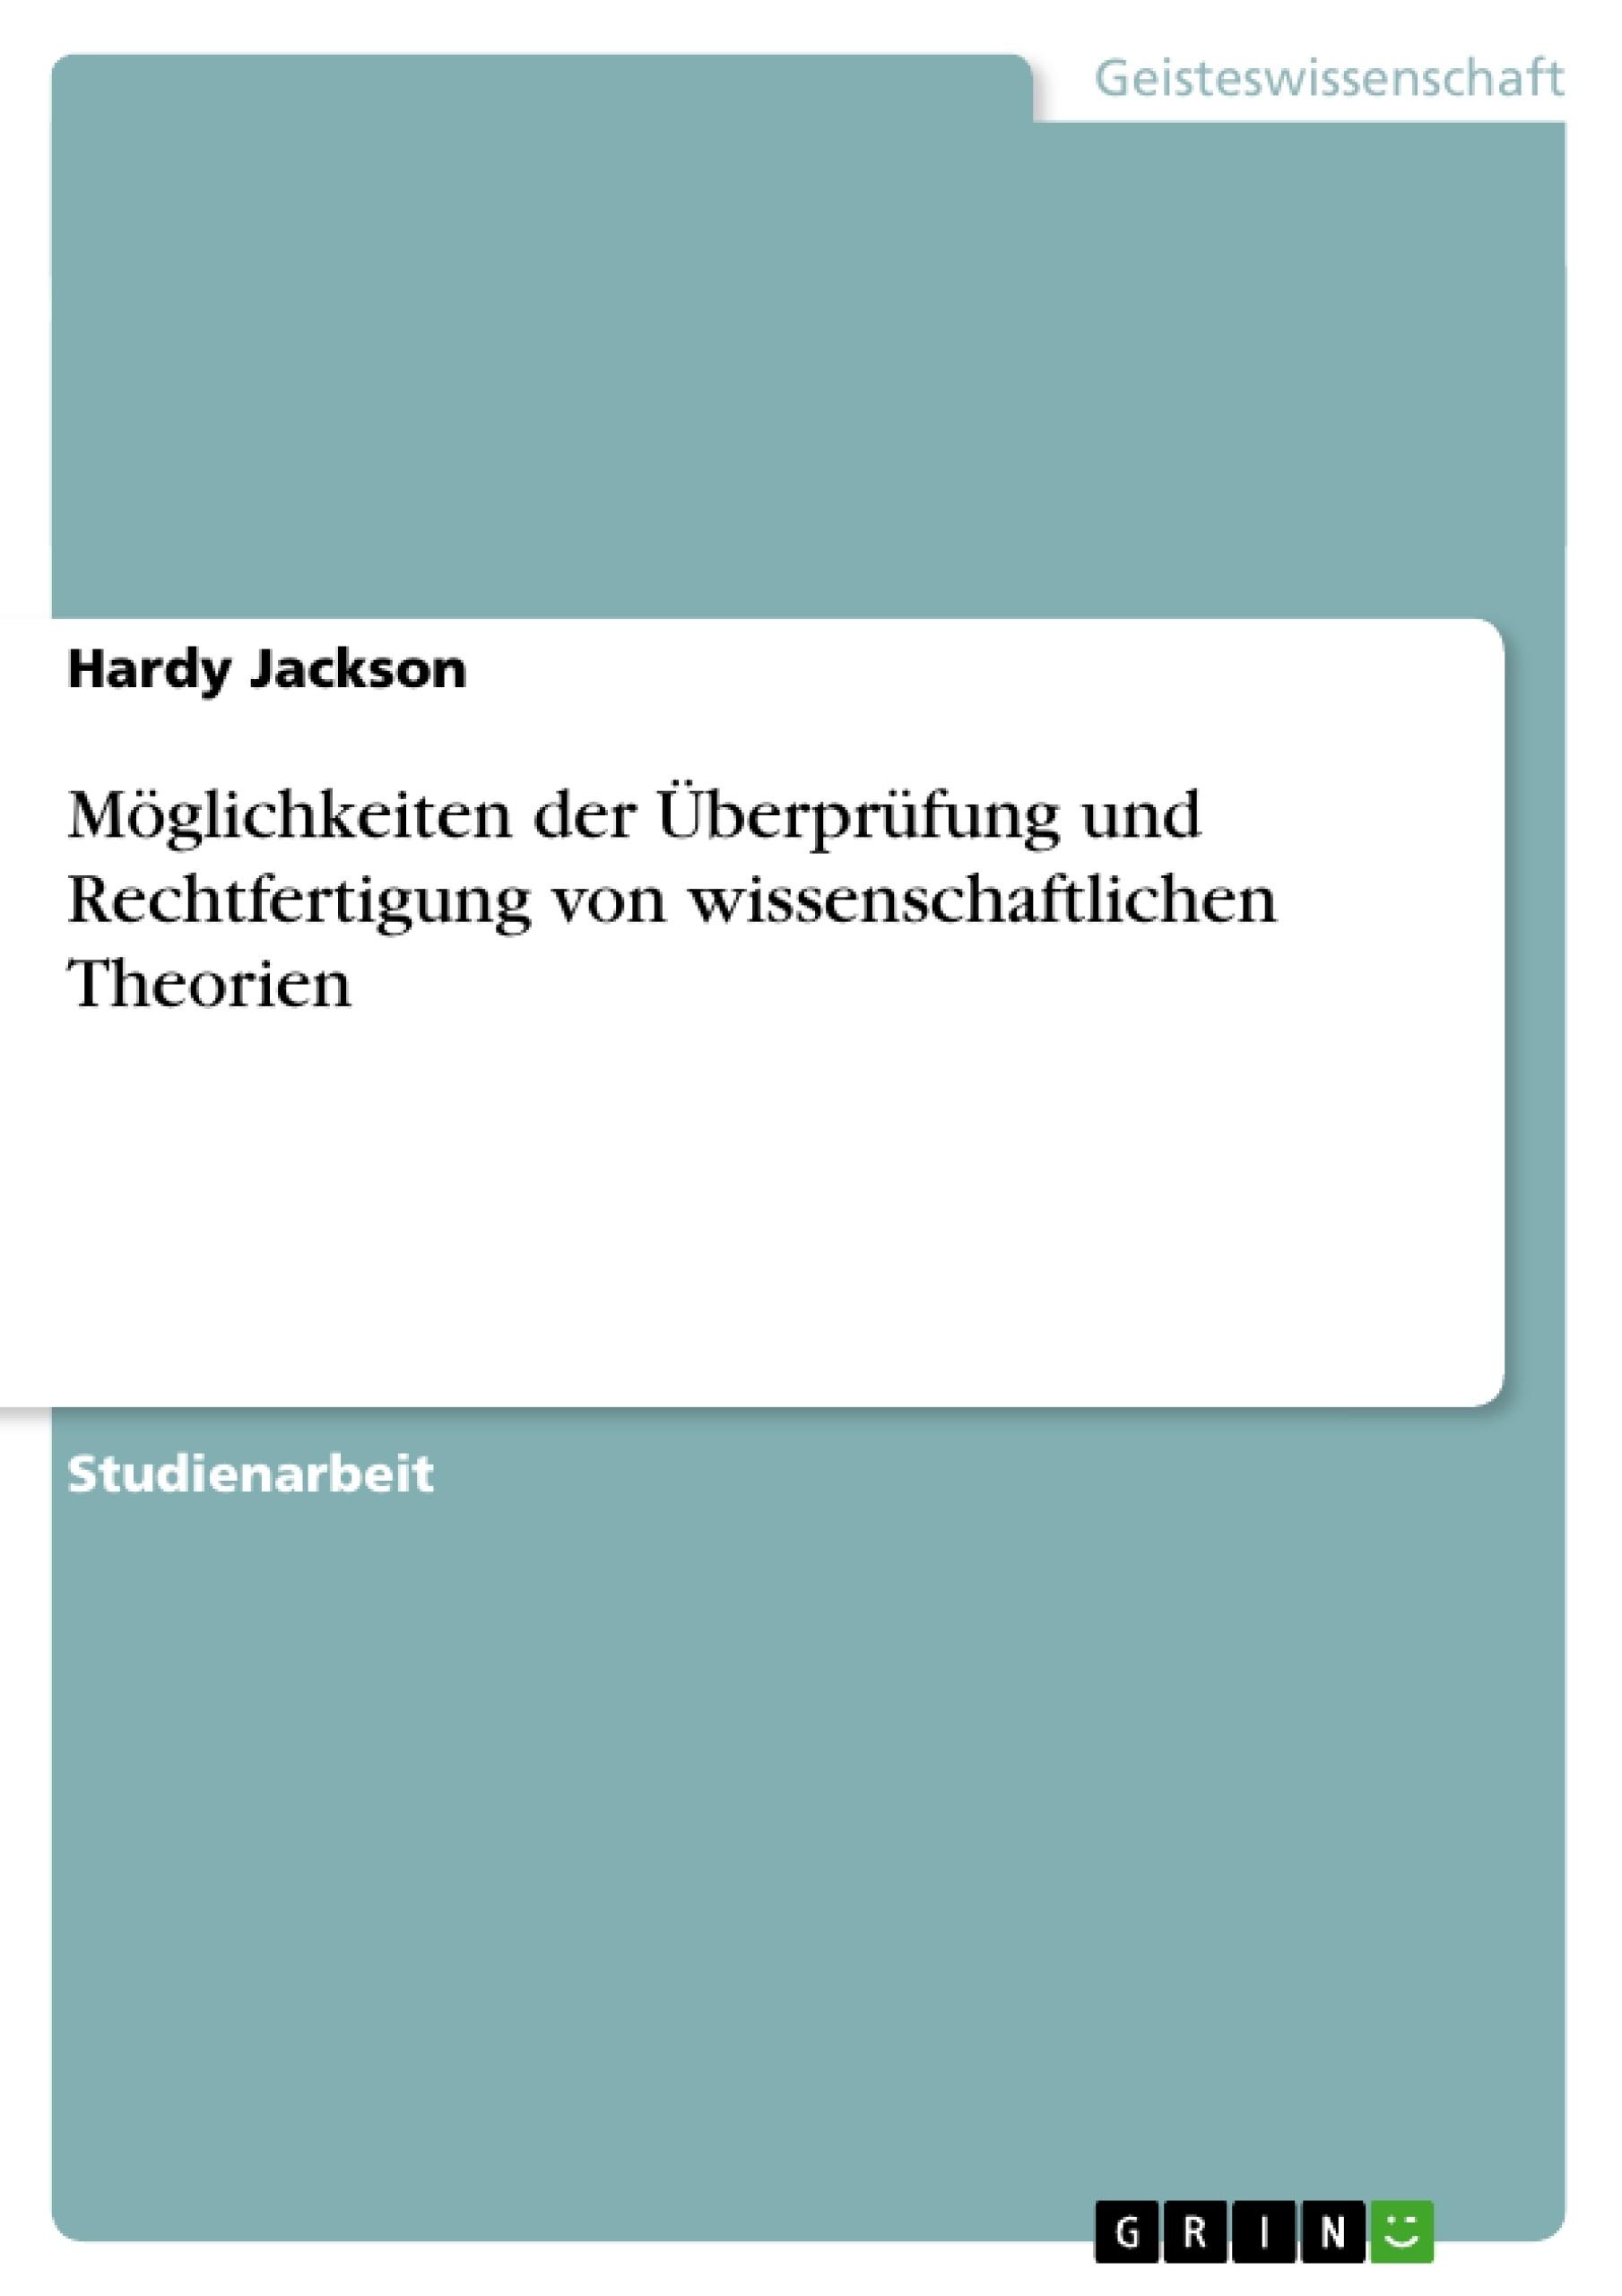 Titel: Möglichkeiten der Überprüfung und Rechtfertigung   von wissenschaftlichen Theorien